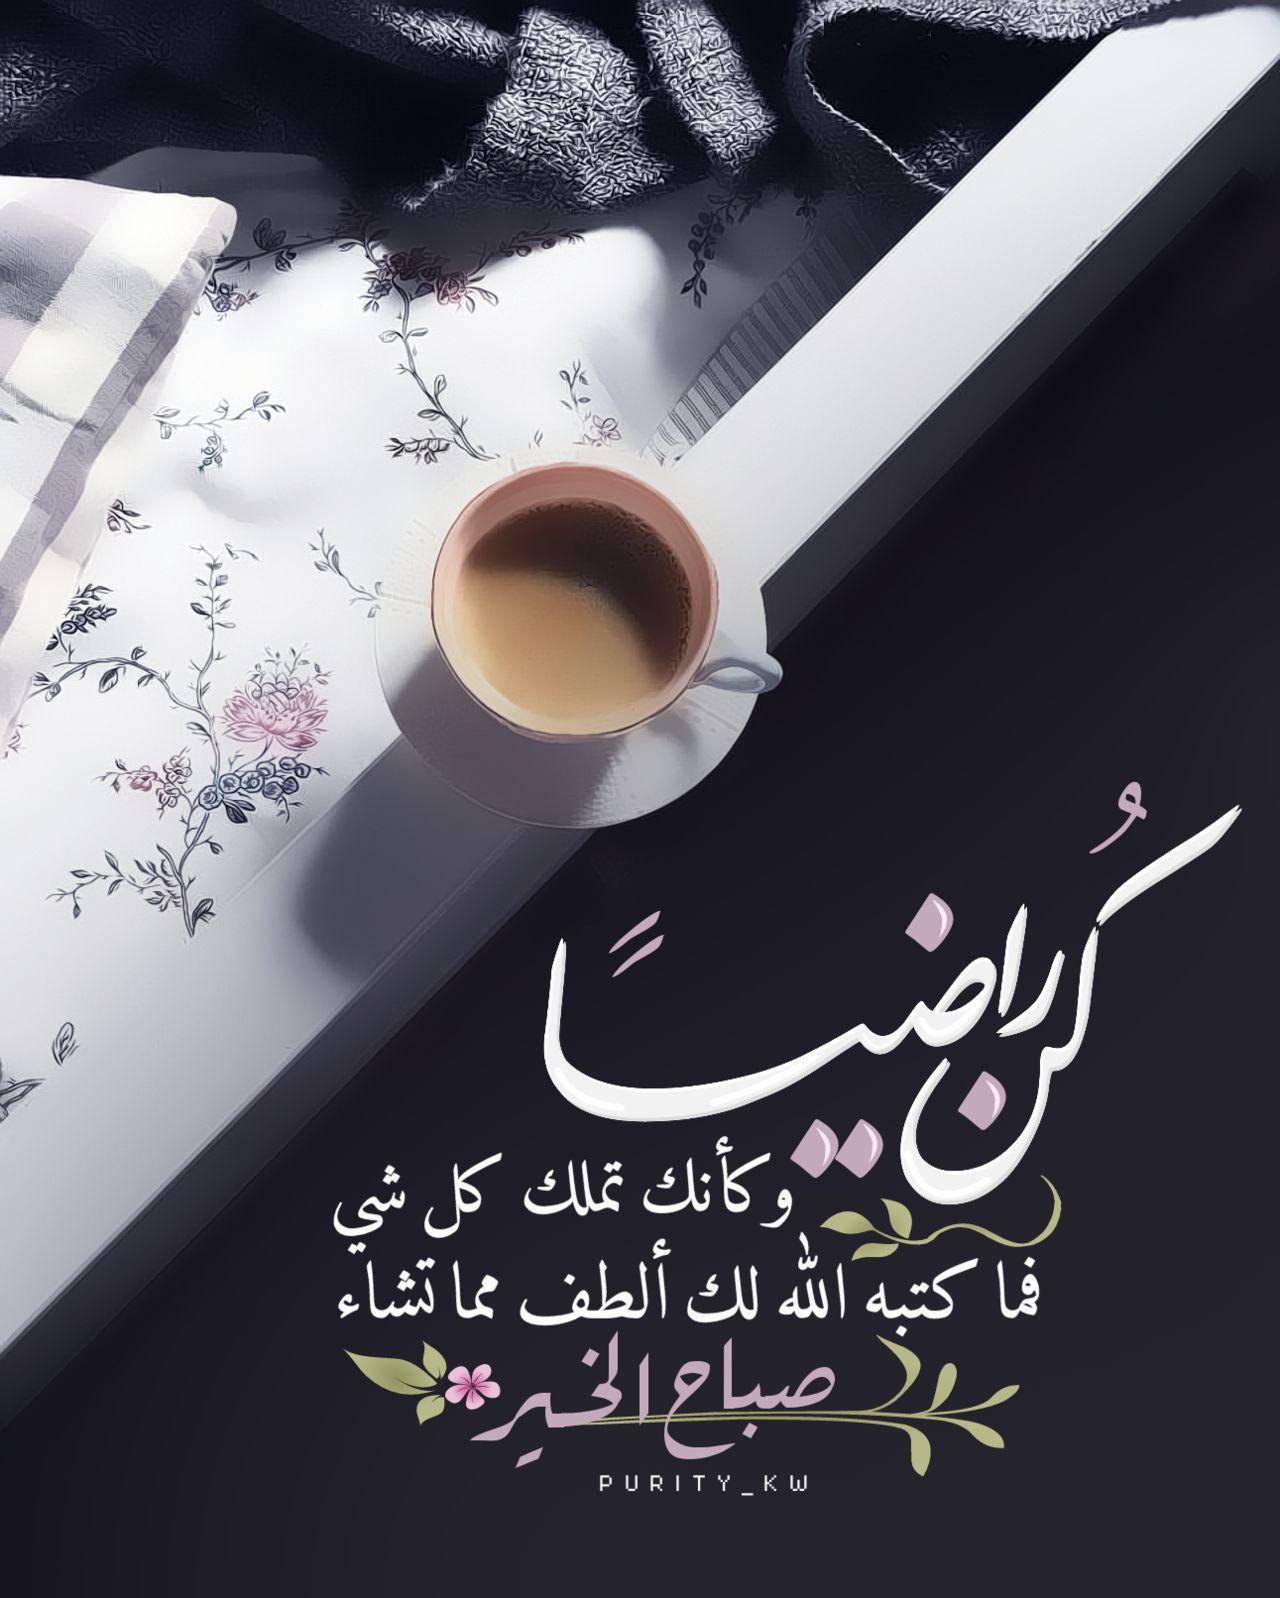 باقات صباح الخير وصور صباحية مكتوب عليها عبارات حب موقع مصري Good Morning Cards Good Morning Images Flowers Beautiful Morning Messages